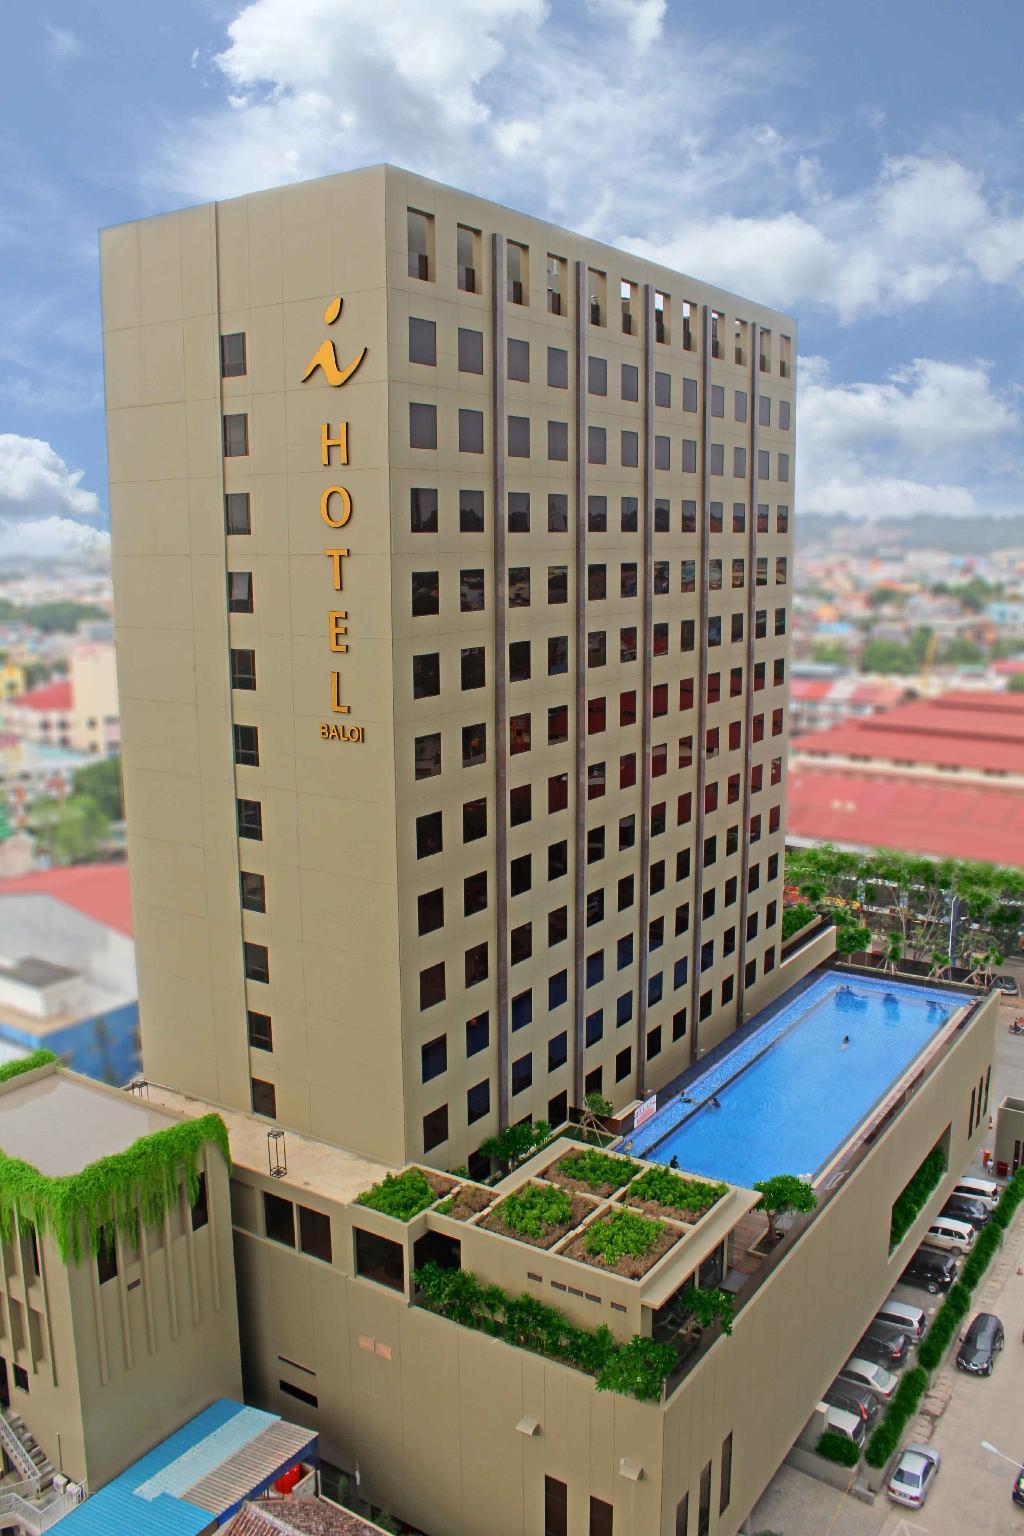 I Hotel Baloi Batam